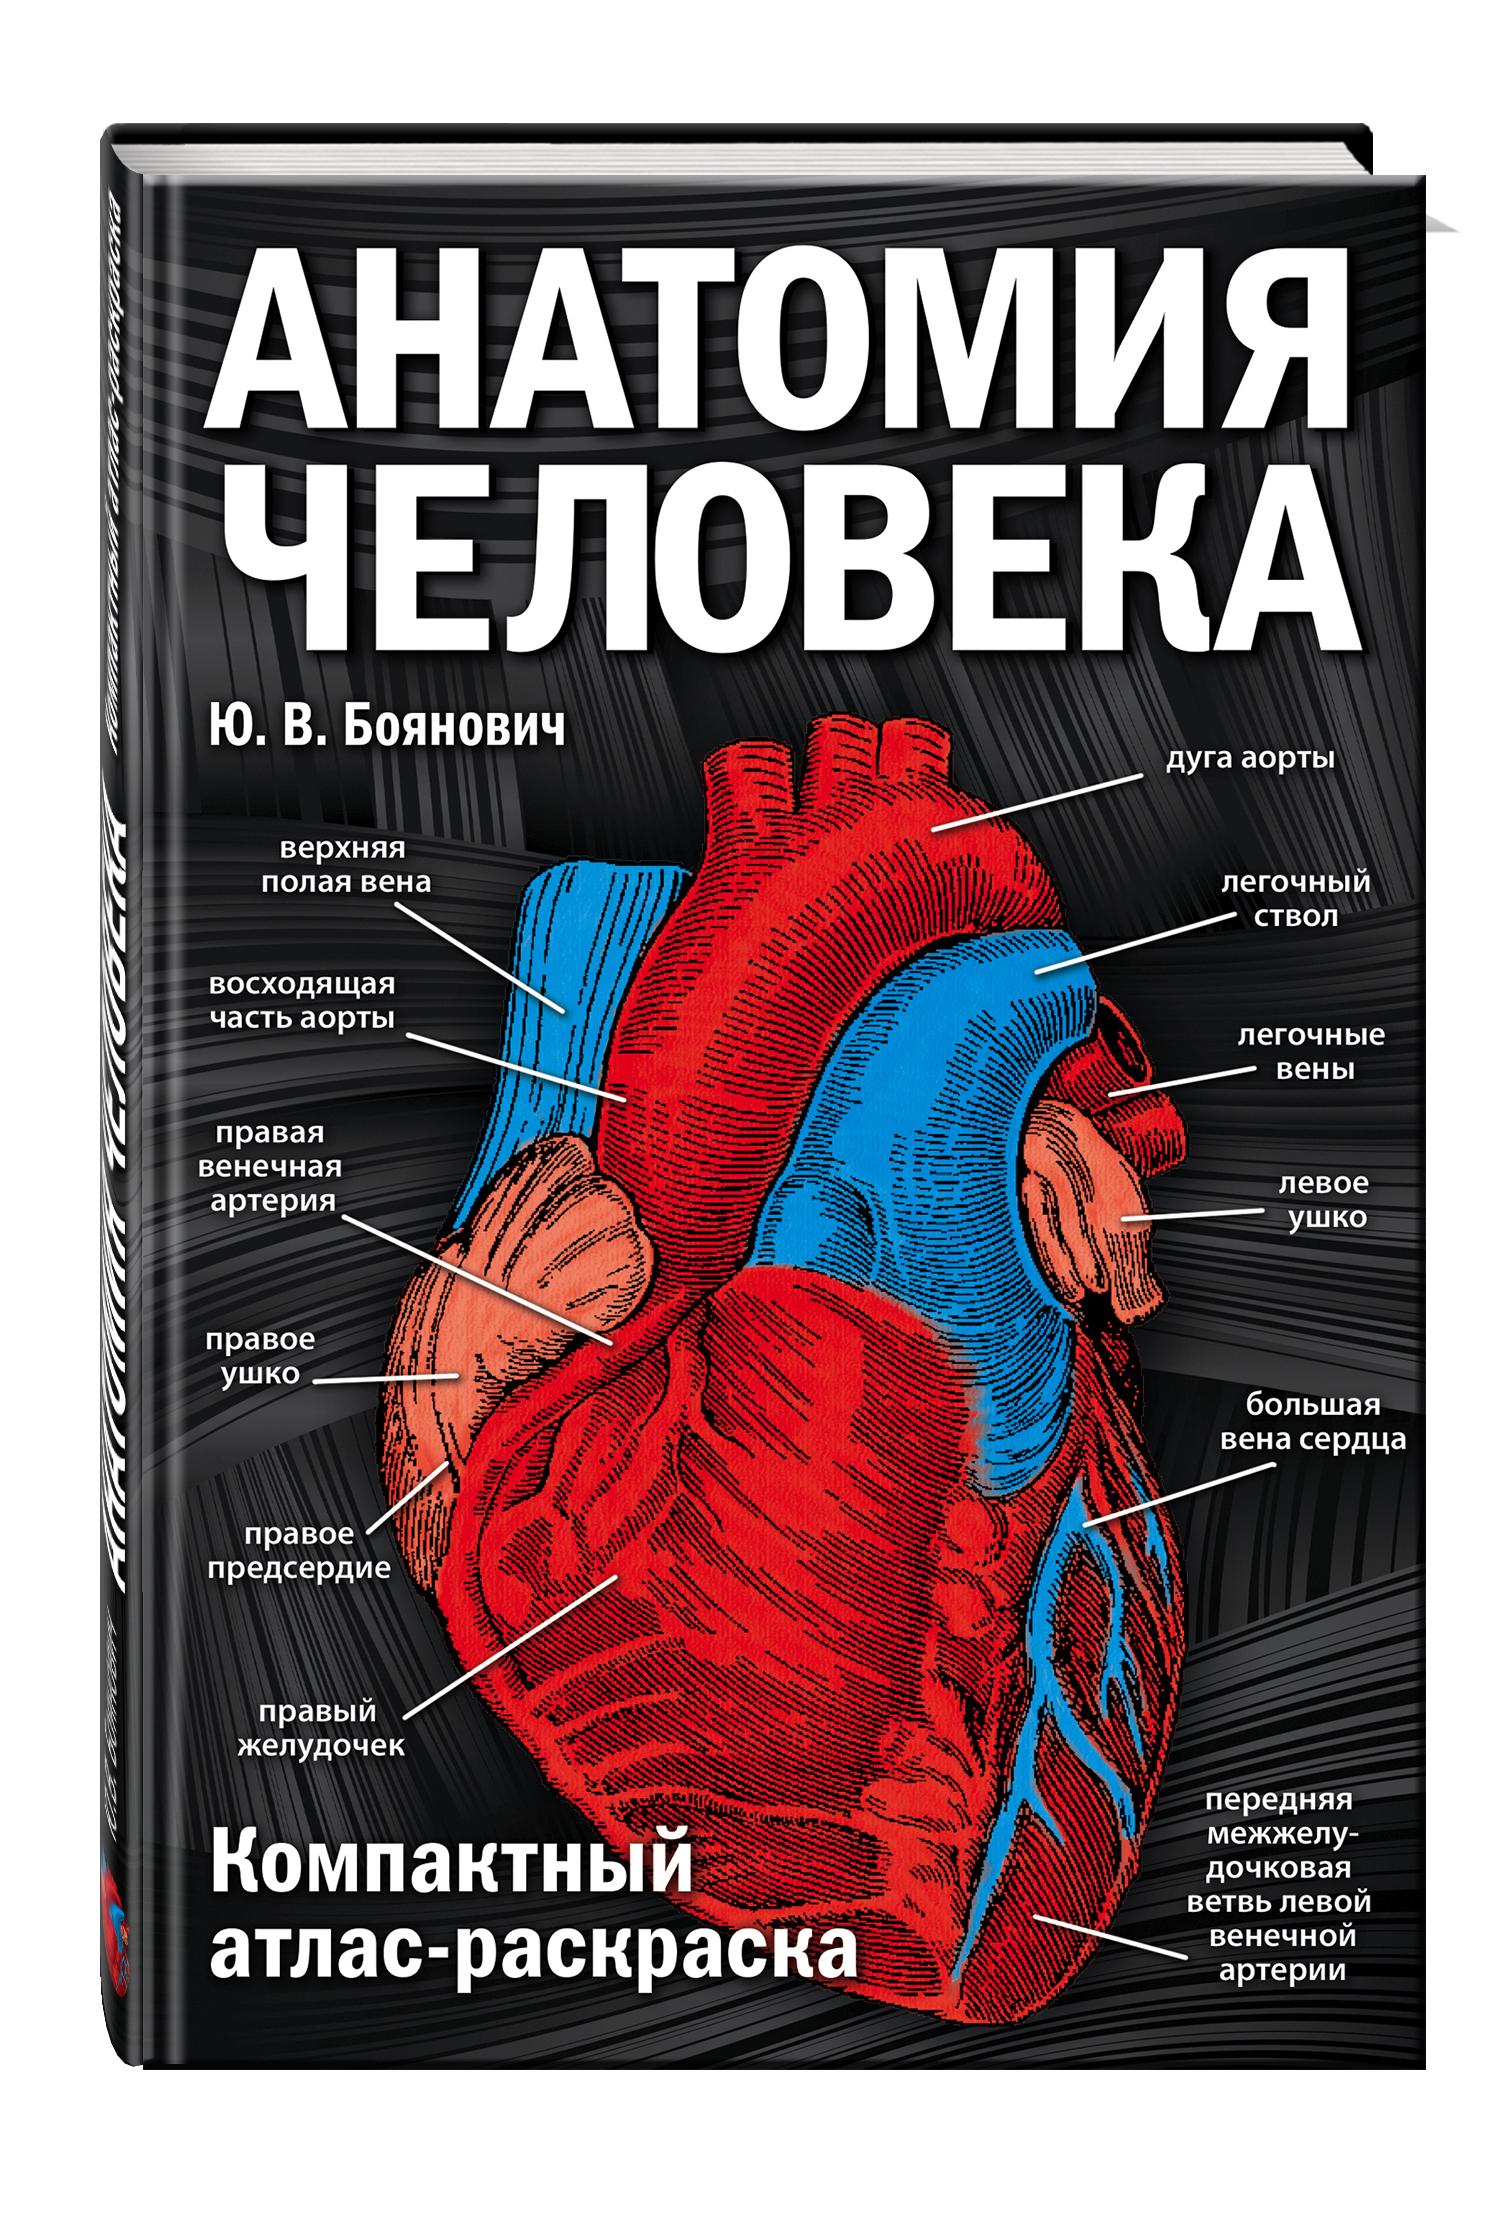 есть, книги по анатомии название этого вида